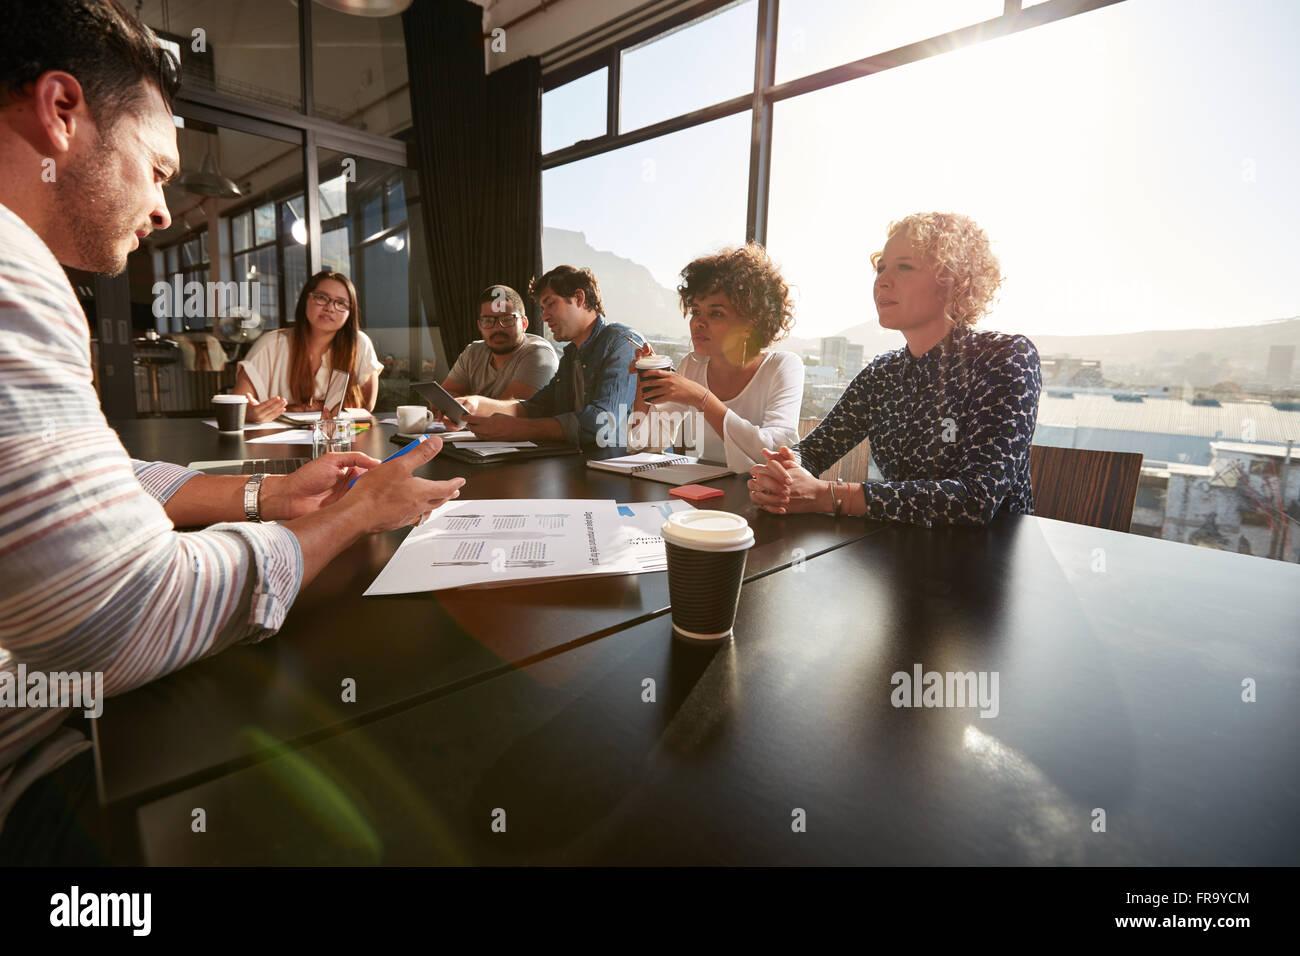 Porträt des Kreativteams sitzen um einen Tisch diskutieren neue Projektpläne. Gemischte Rassen Menschen Stockbild